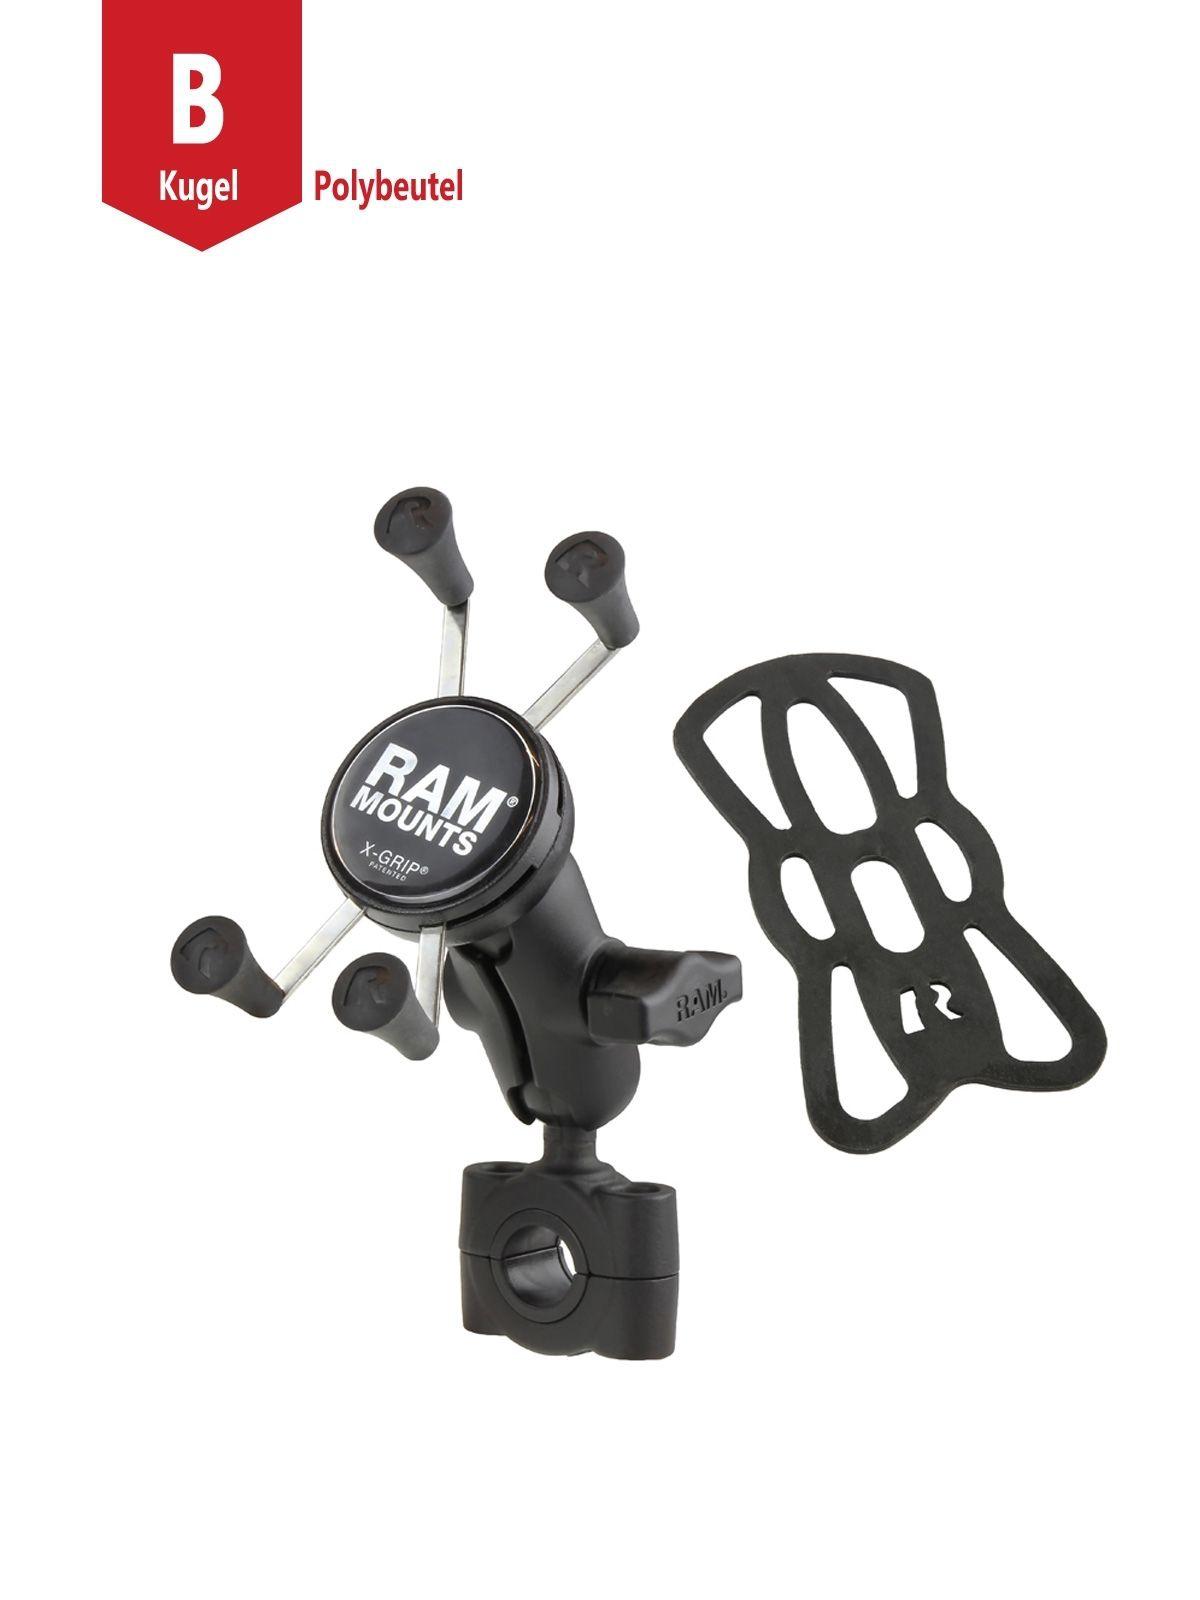 RAM Mounts X-Grip Motorrad-Halterung für Smartphones bis 82,6 mm Breite - B-Kugel (1 Zoll), Torque-Schraubklemme (Durchmesser 19,0-25,0 mm), kurzer Verbindungsarm